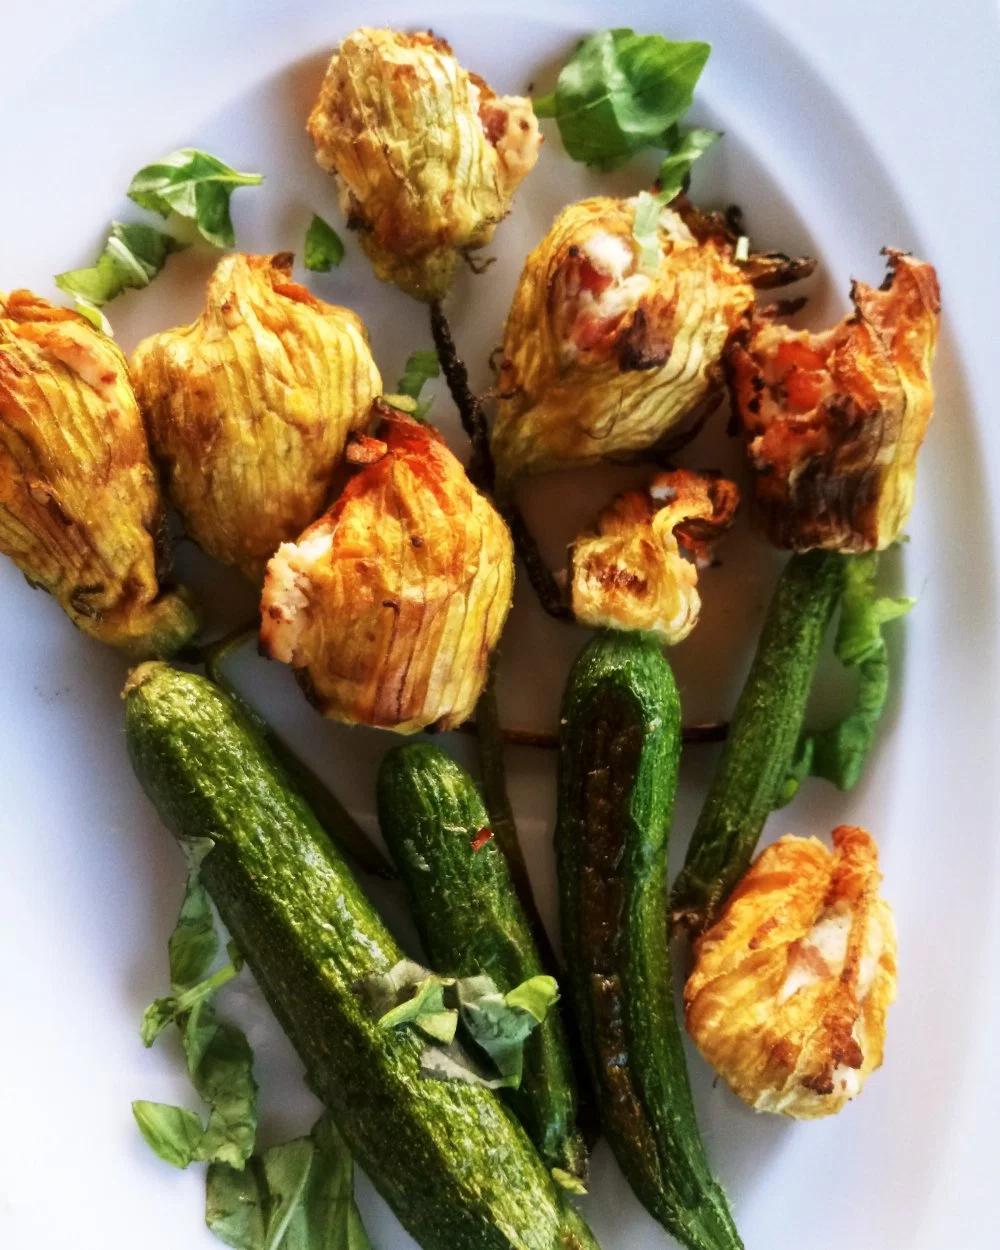 Nadziewane Kwiaty Cukinii Gotujacenozyczki Gotujacenozyczki Cooking Recipes Cooking Recipes